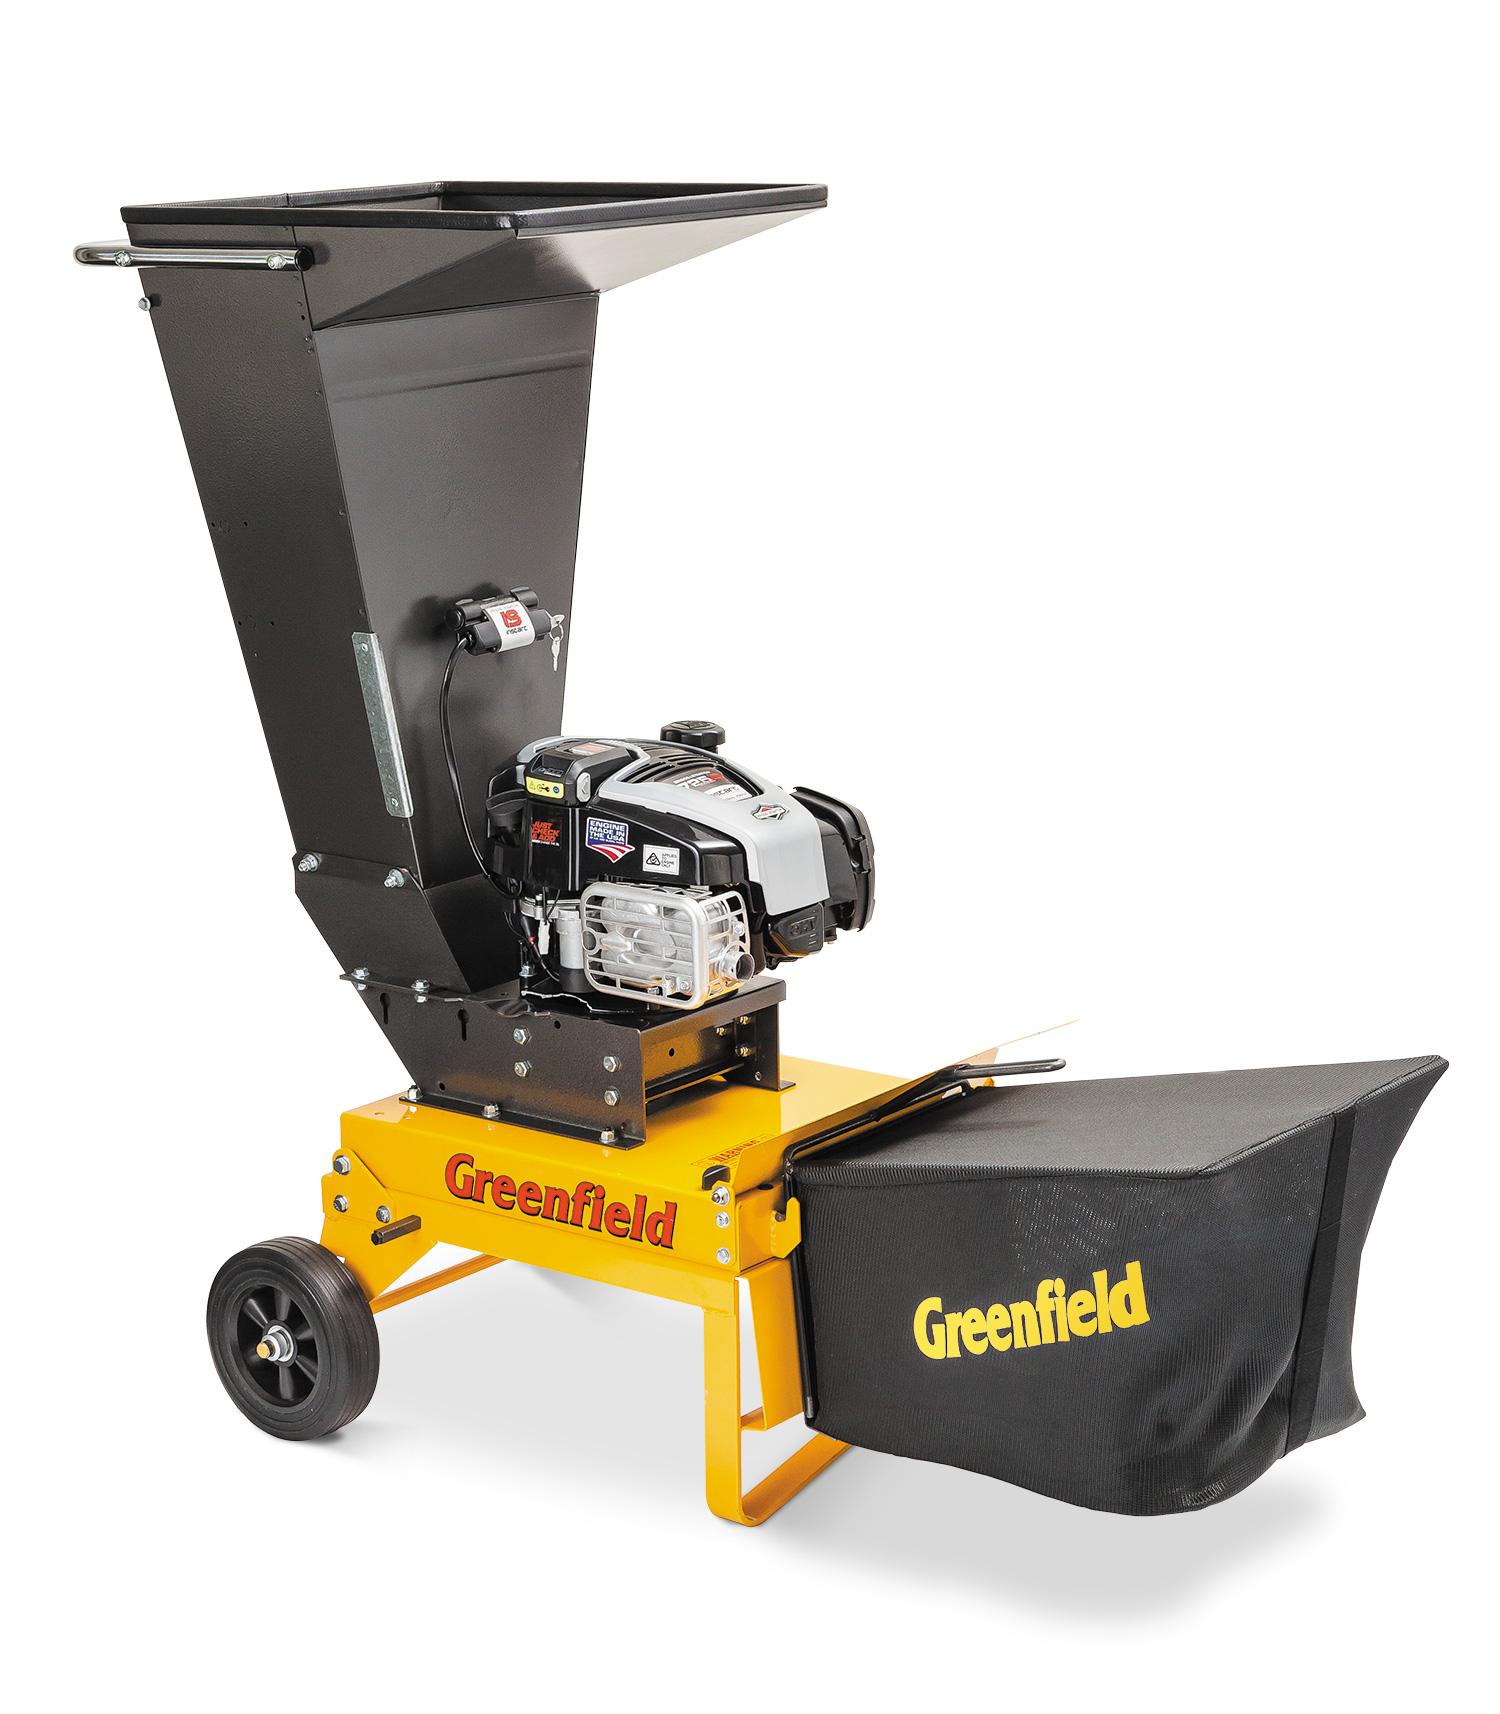 greenfield mower repair manual download